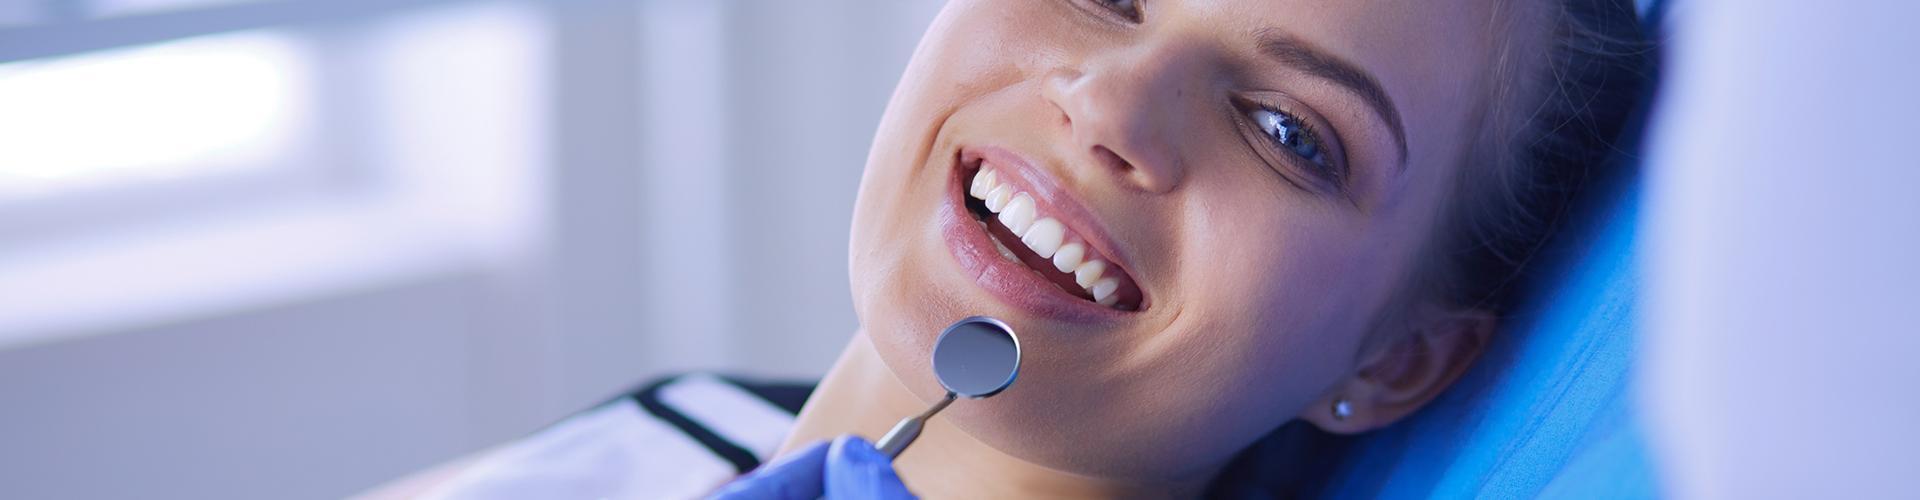 Ki, kicsoda a fogászatban? - Fogászati szakterületek kisokosa